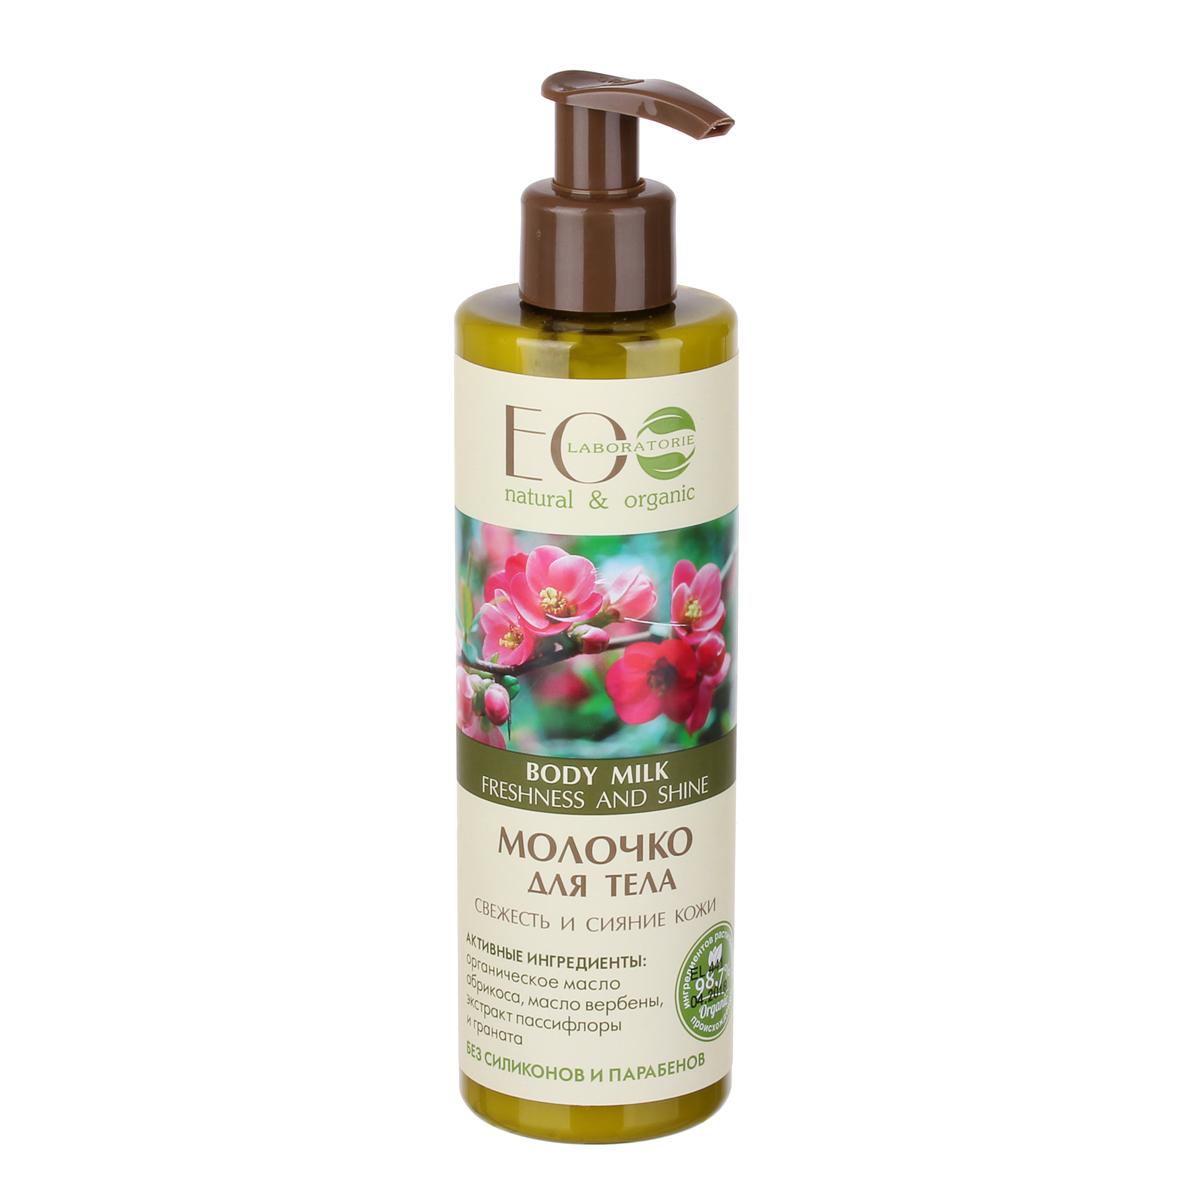 EcoLab ЭкоЛаб Молочко для тела Свежесть 250 млБ33041Увлажняет, смягчает кожу, делает её шелковистой, препятствует обезвоживанию, итает и успокаивает кожу, оставляя ощущение свежести и увлажненности. Активные ингредиенты: органическое масло абрикоса, экстракт граната, масло абрикоса, масло вербены, экстракт пассифлоры и граната